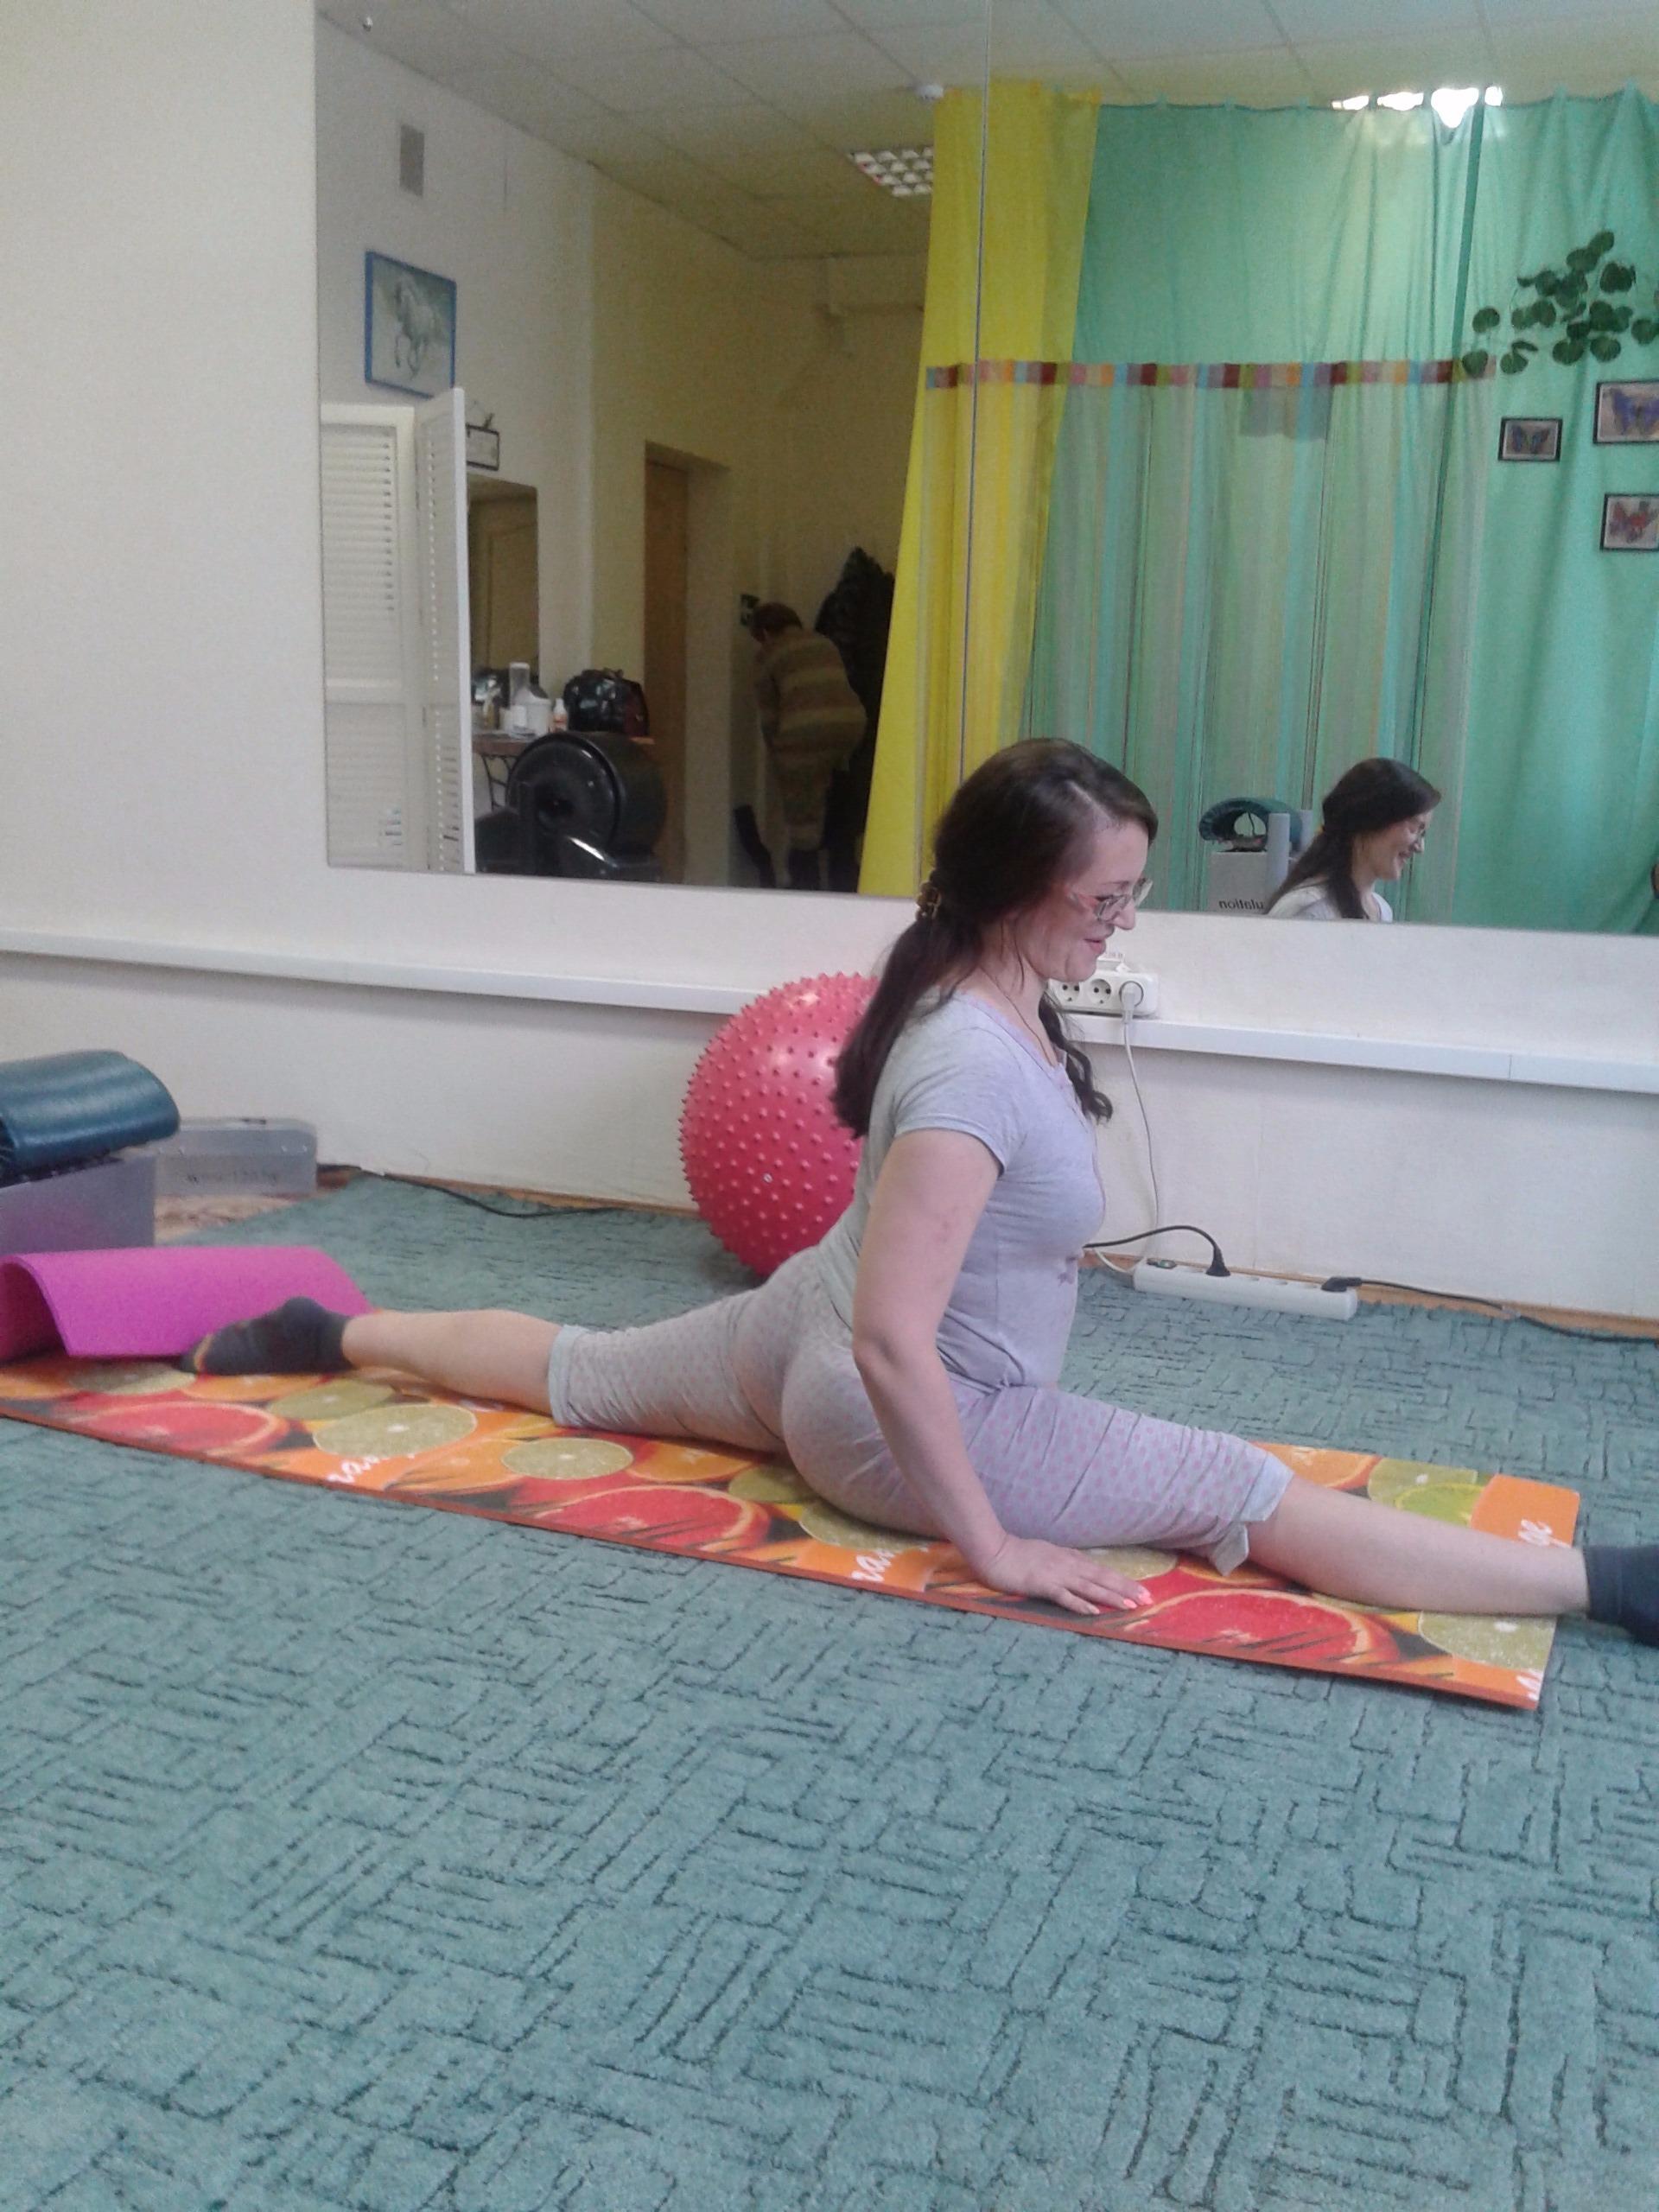 """БМС-тренировка, программа """"Гибкое тело"""" от 4,50 руб/сеанс, бесплатный пробный сеанс (0 руб)"""